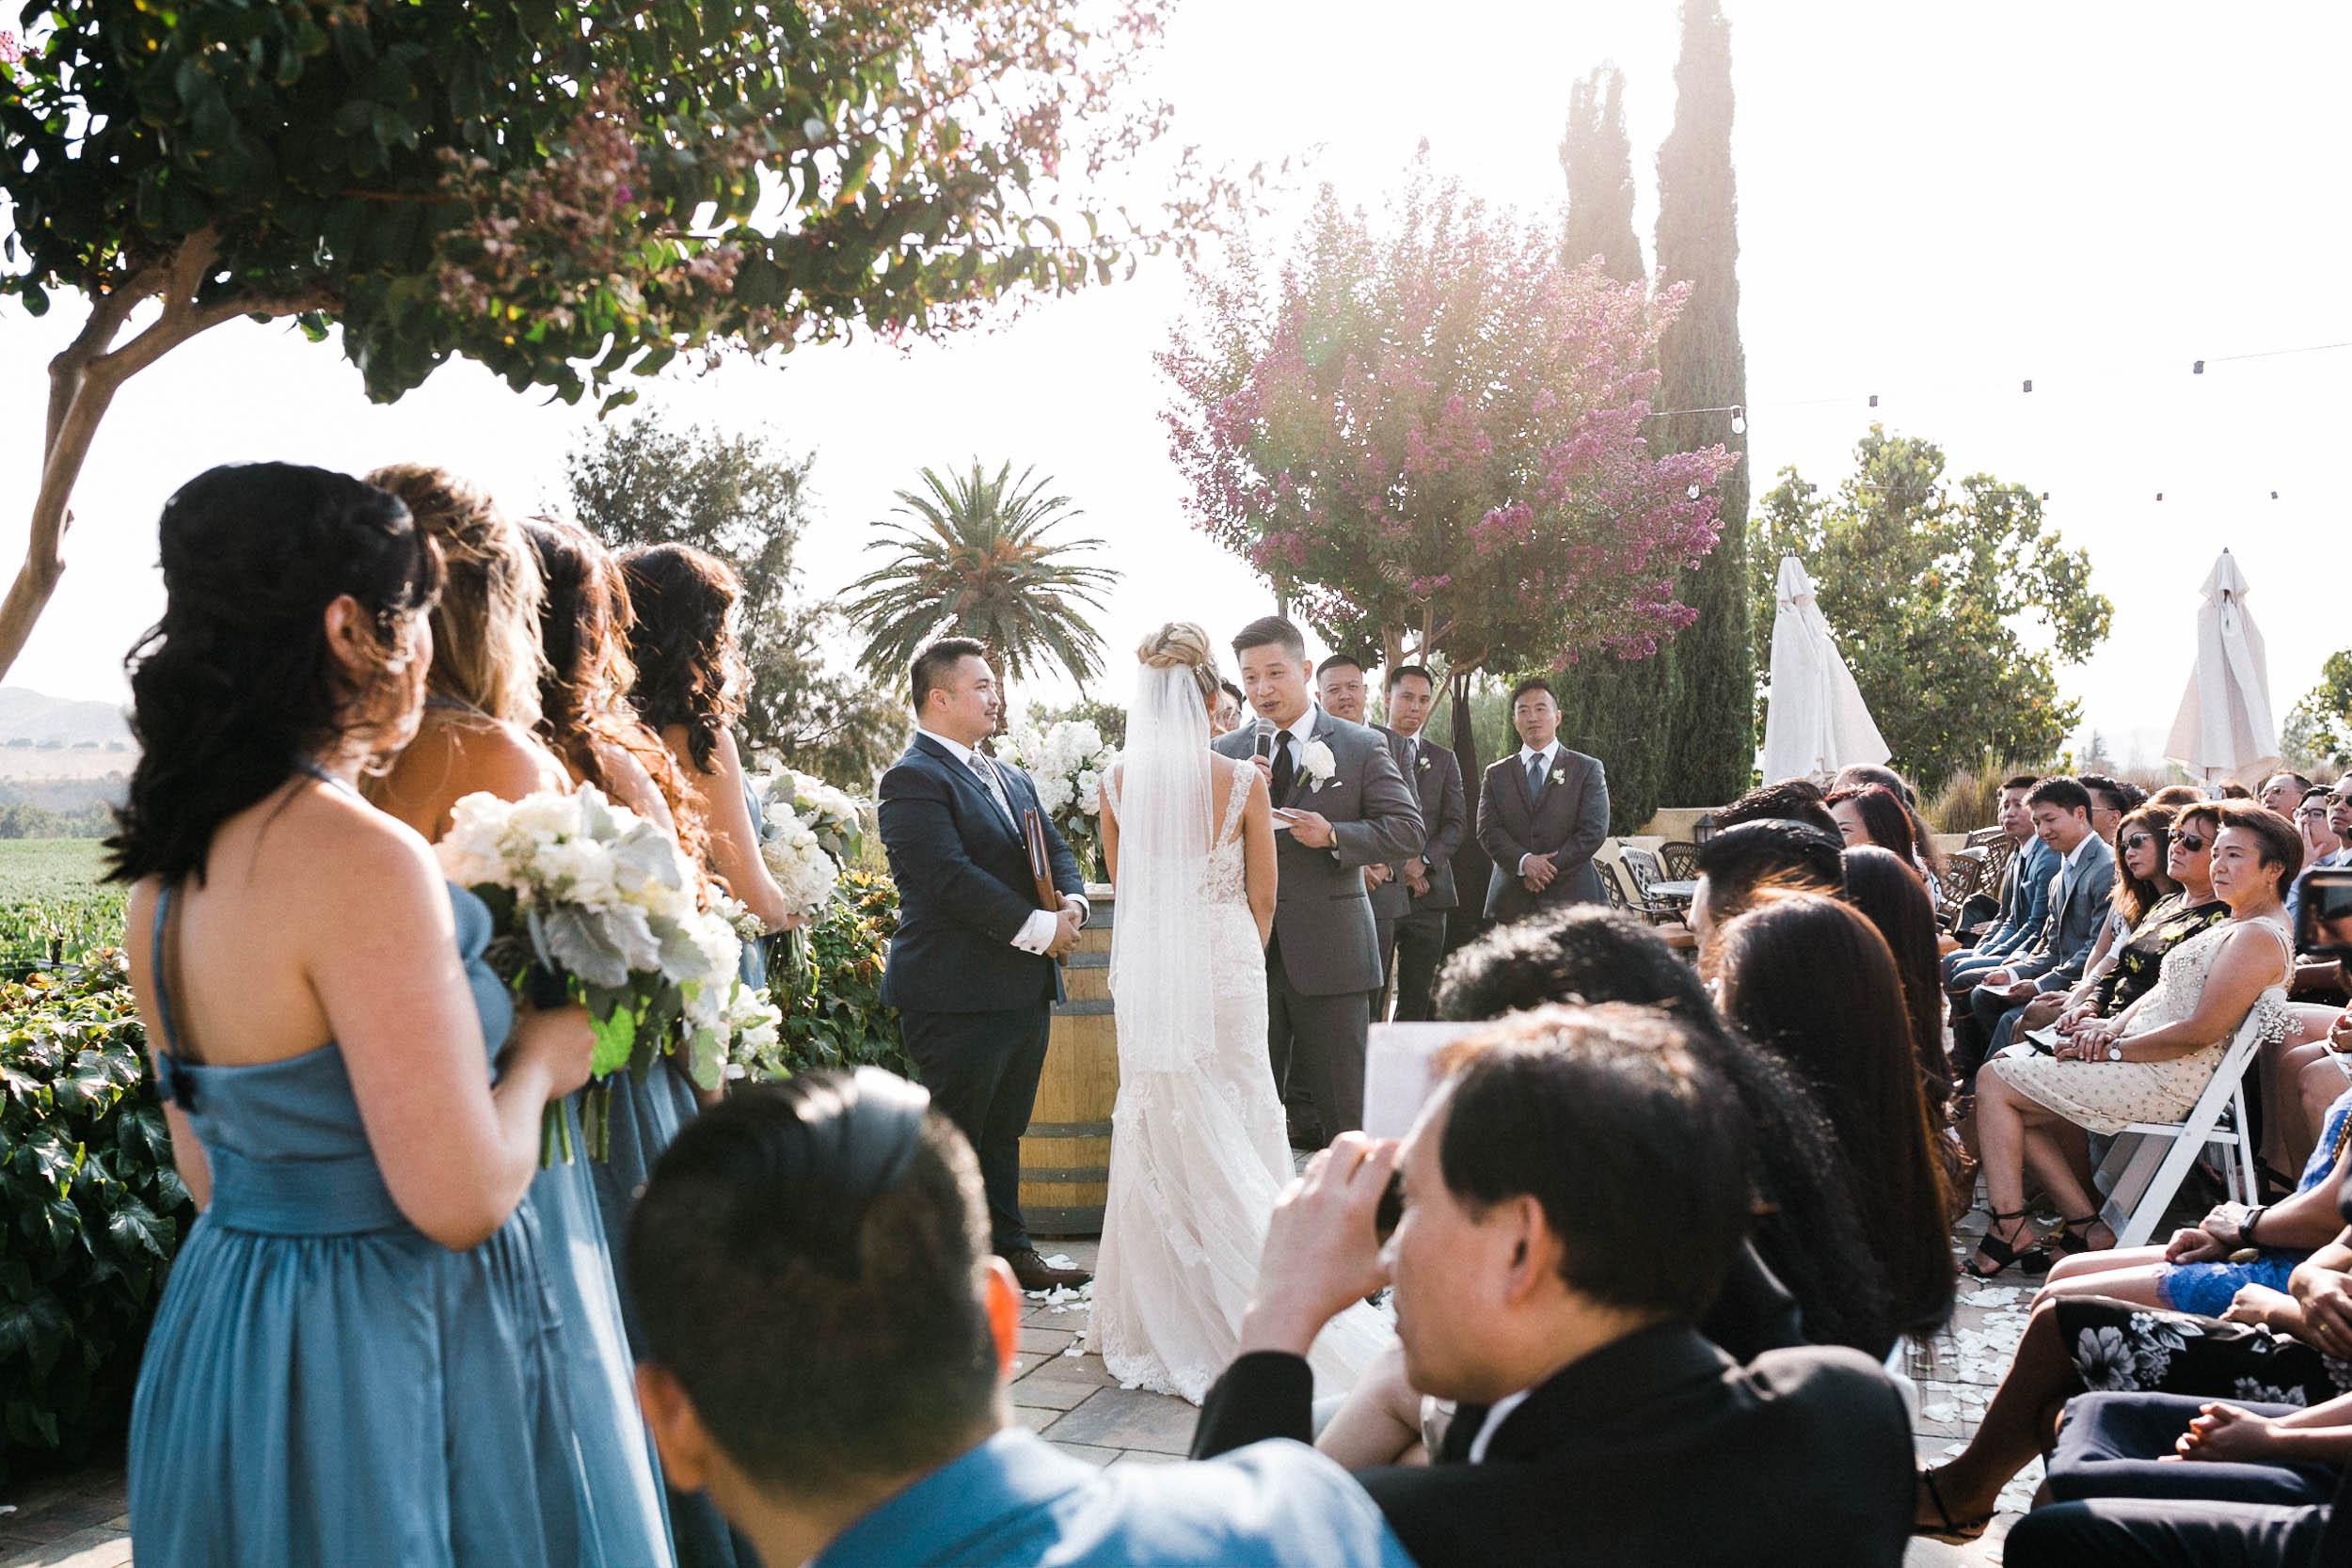 Las Positas Wedding_Buena Lane Photography_090118CY199.jpg